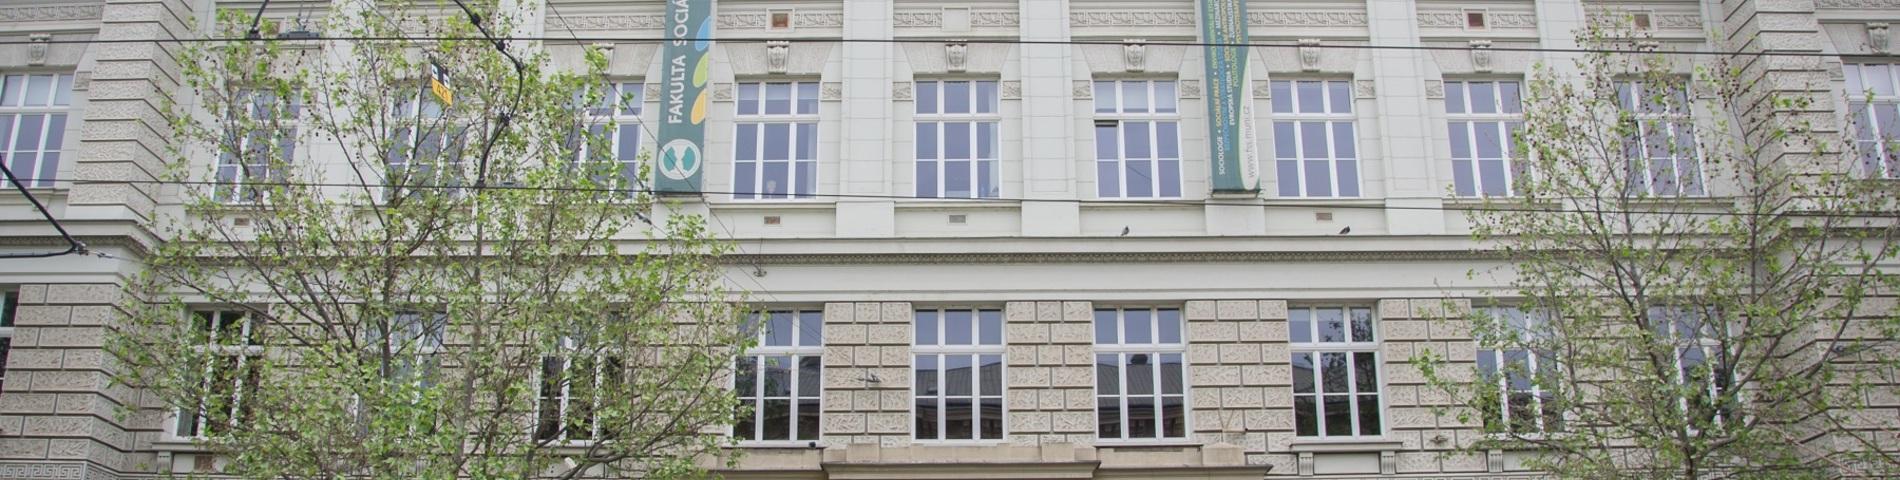 CA Institute bilde 1